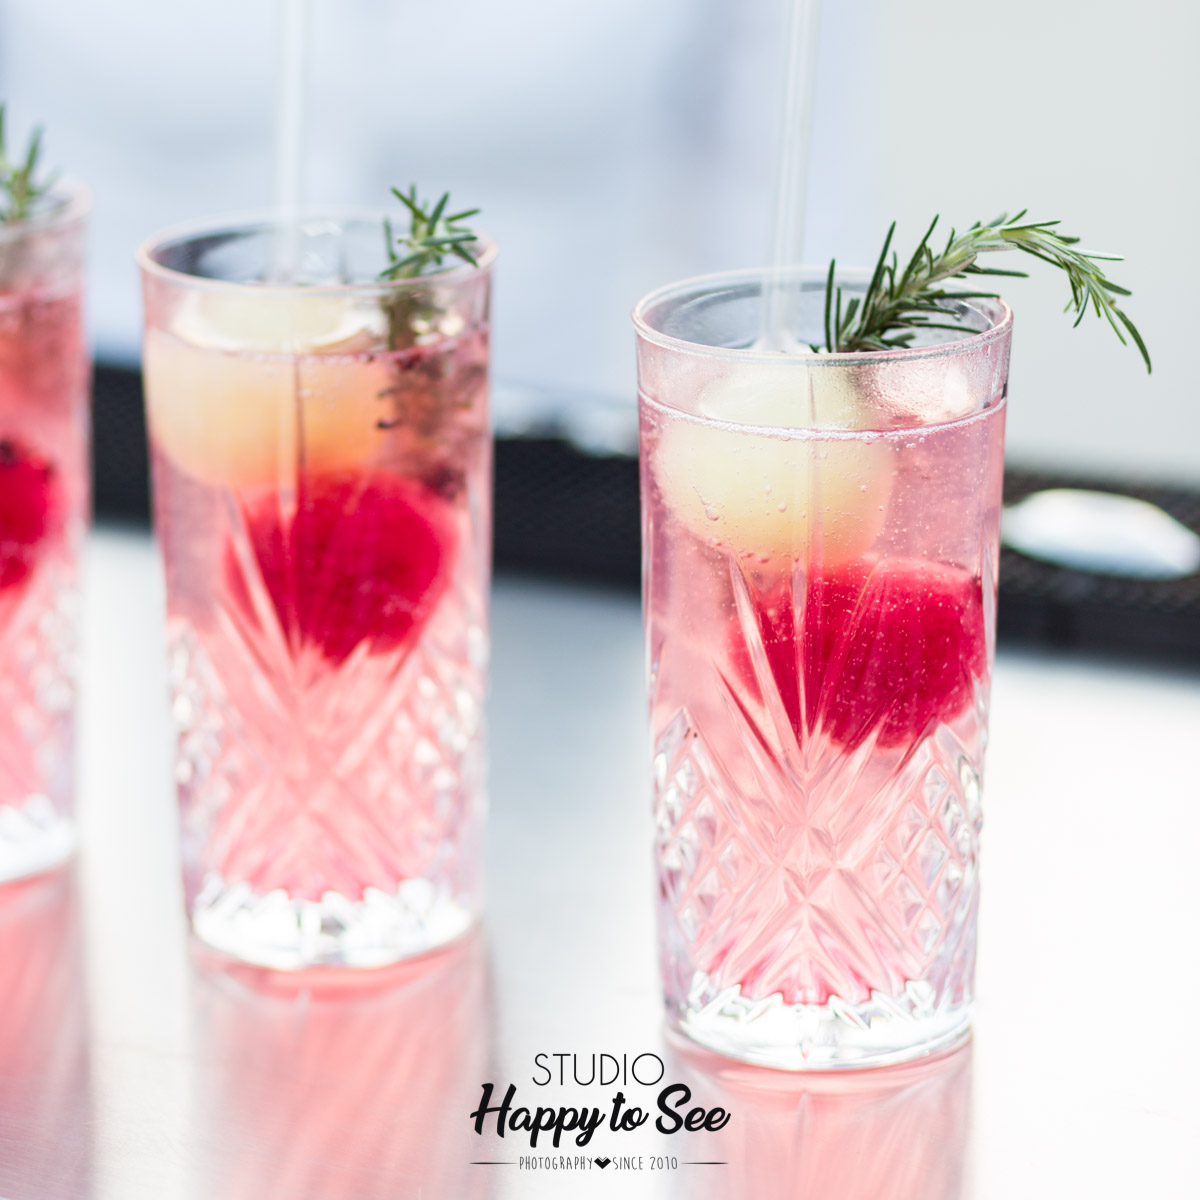 Atelier du cocktail Domaine-denfargou